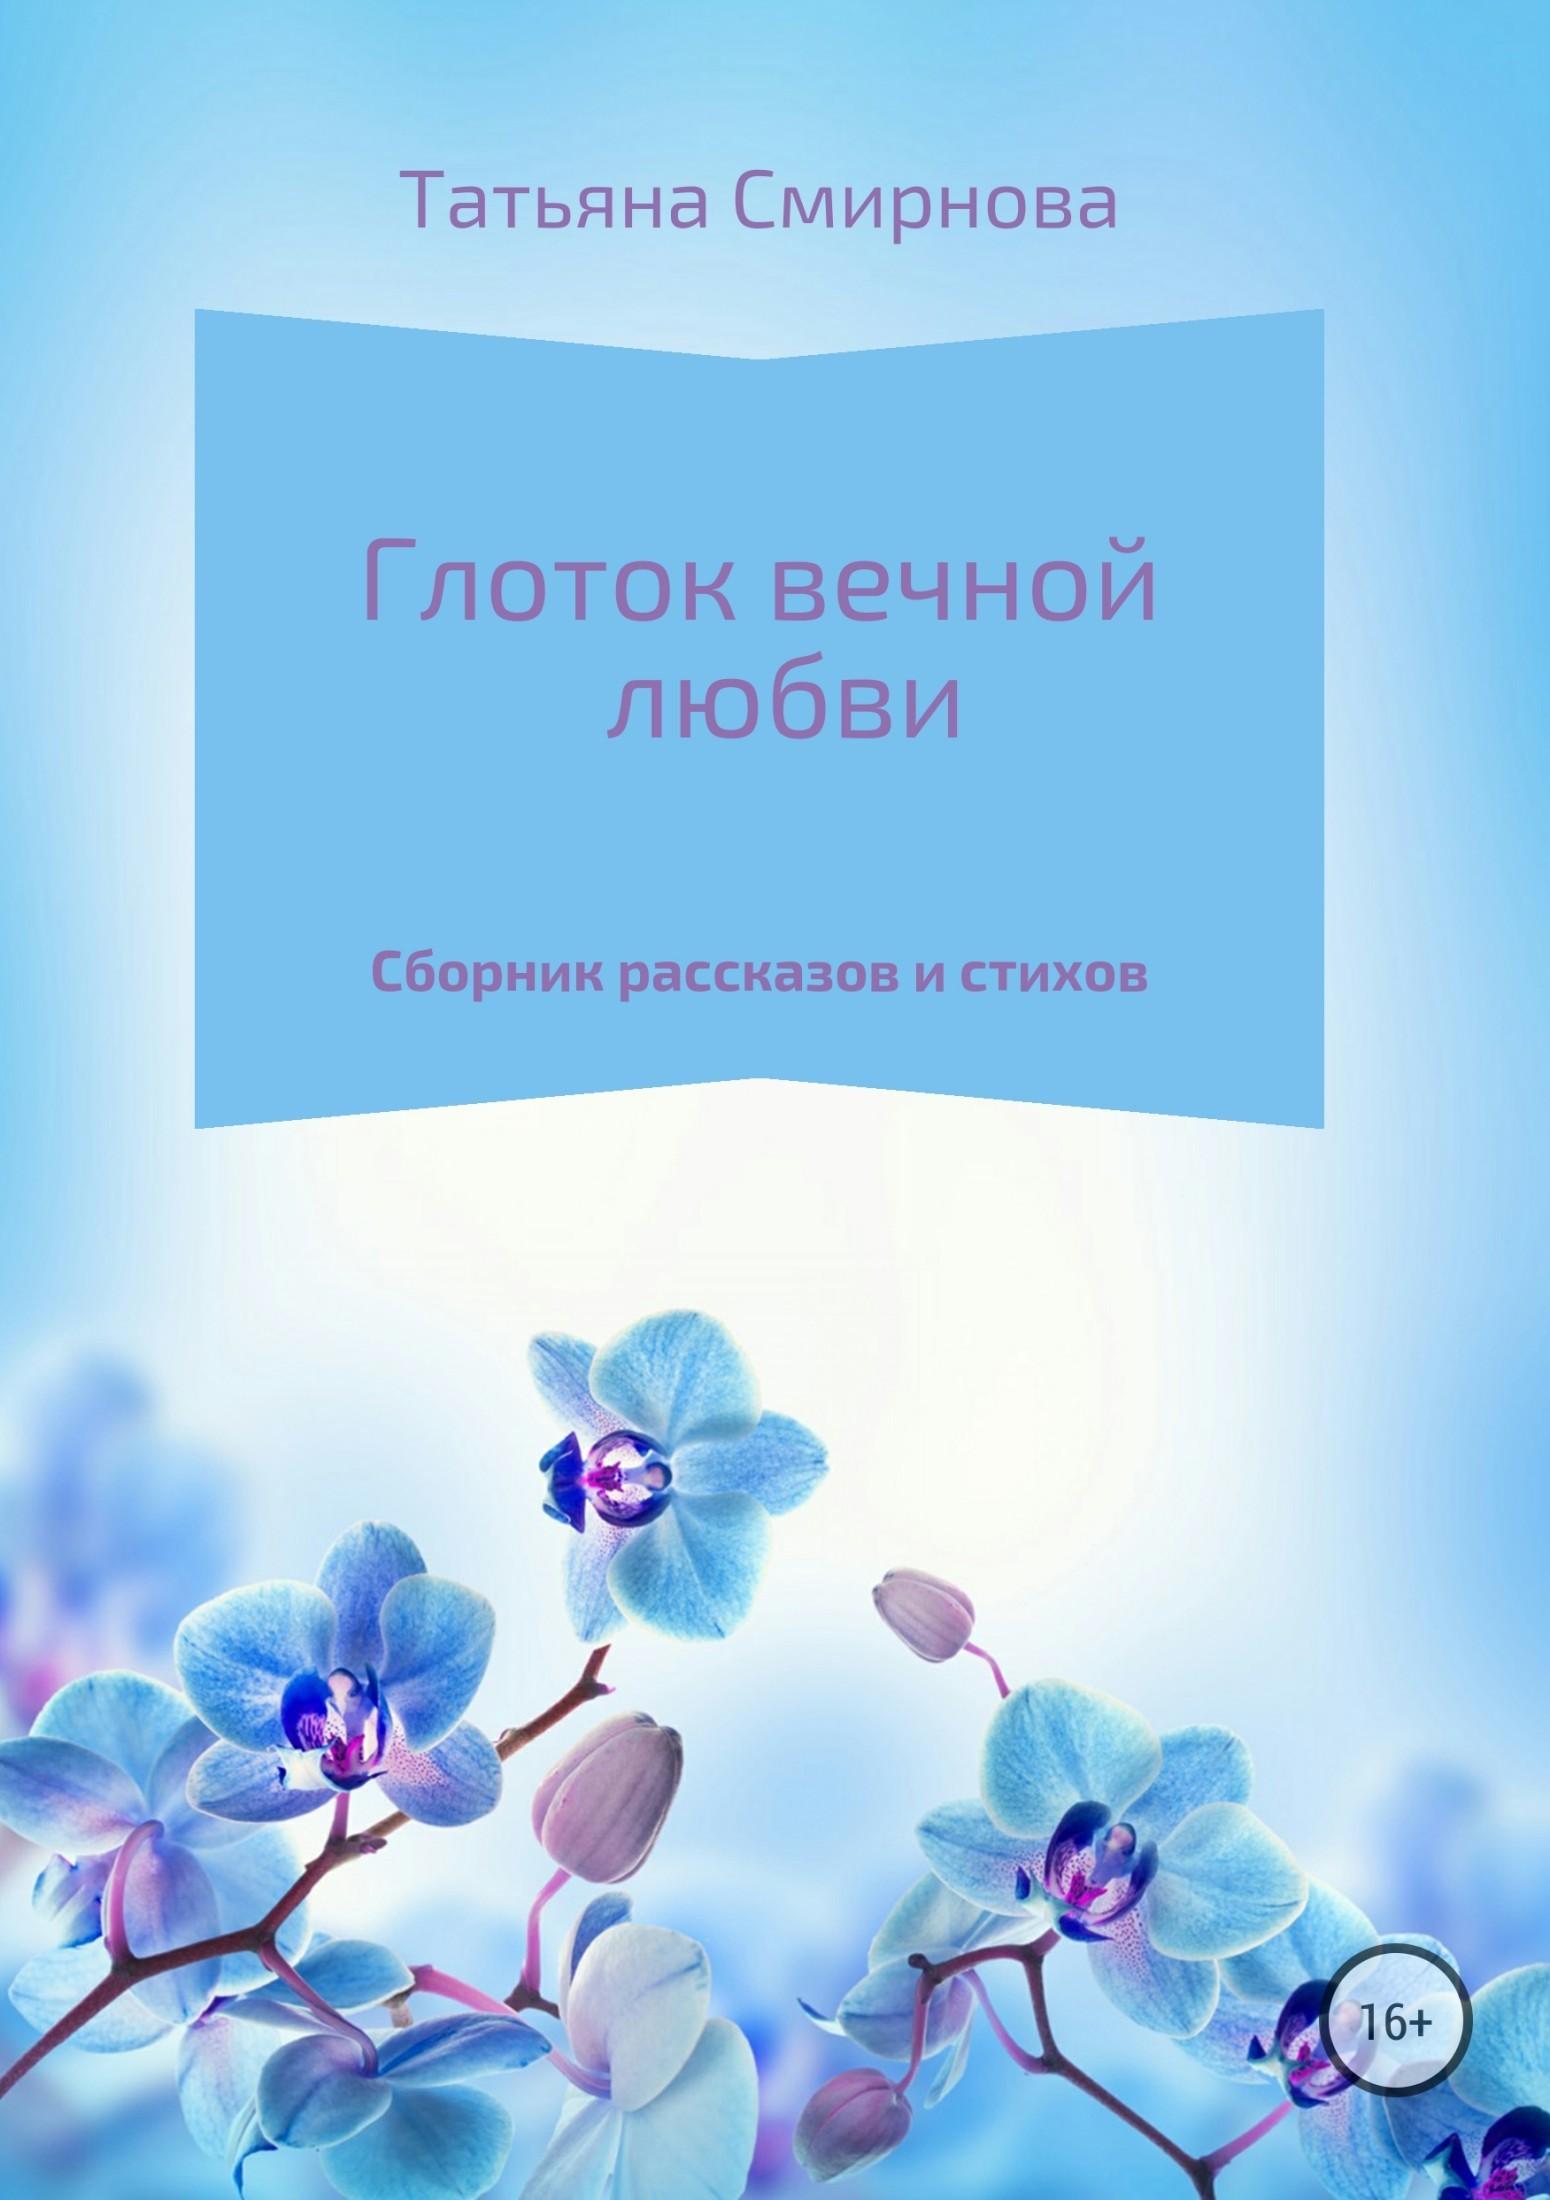 купить Татьяна Андреевна Смирнова Глоток вечной любви по цене 19.99 рублей